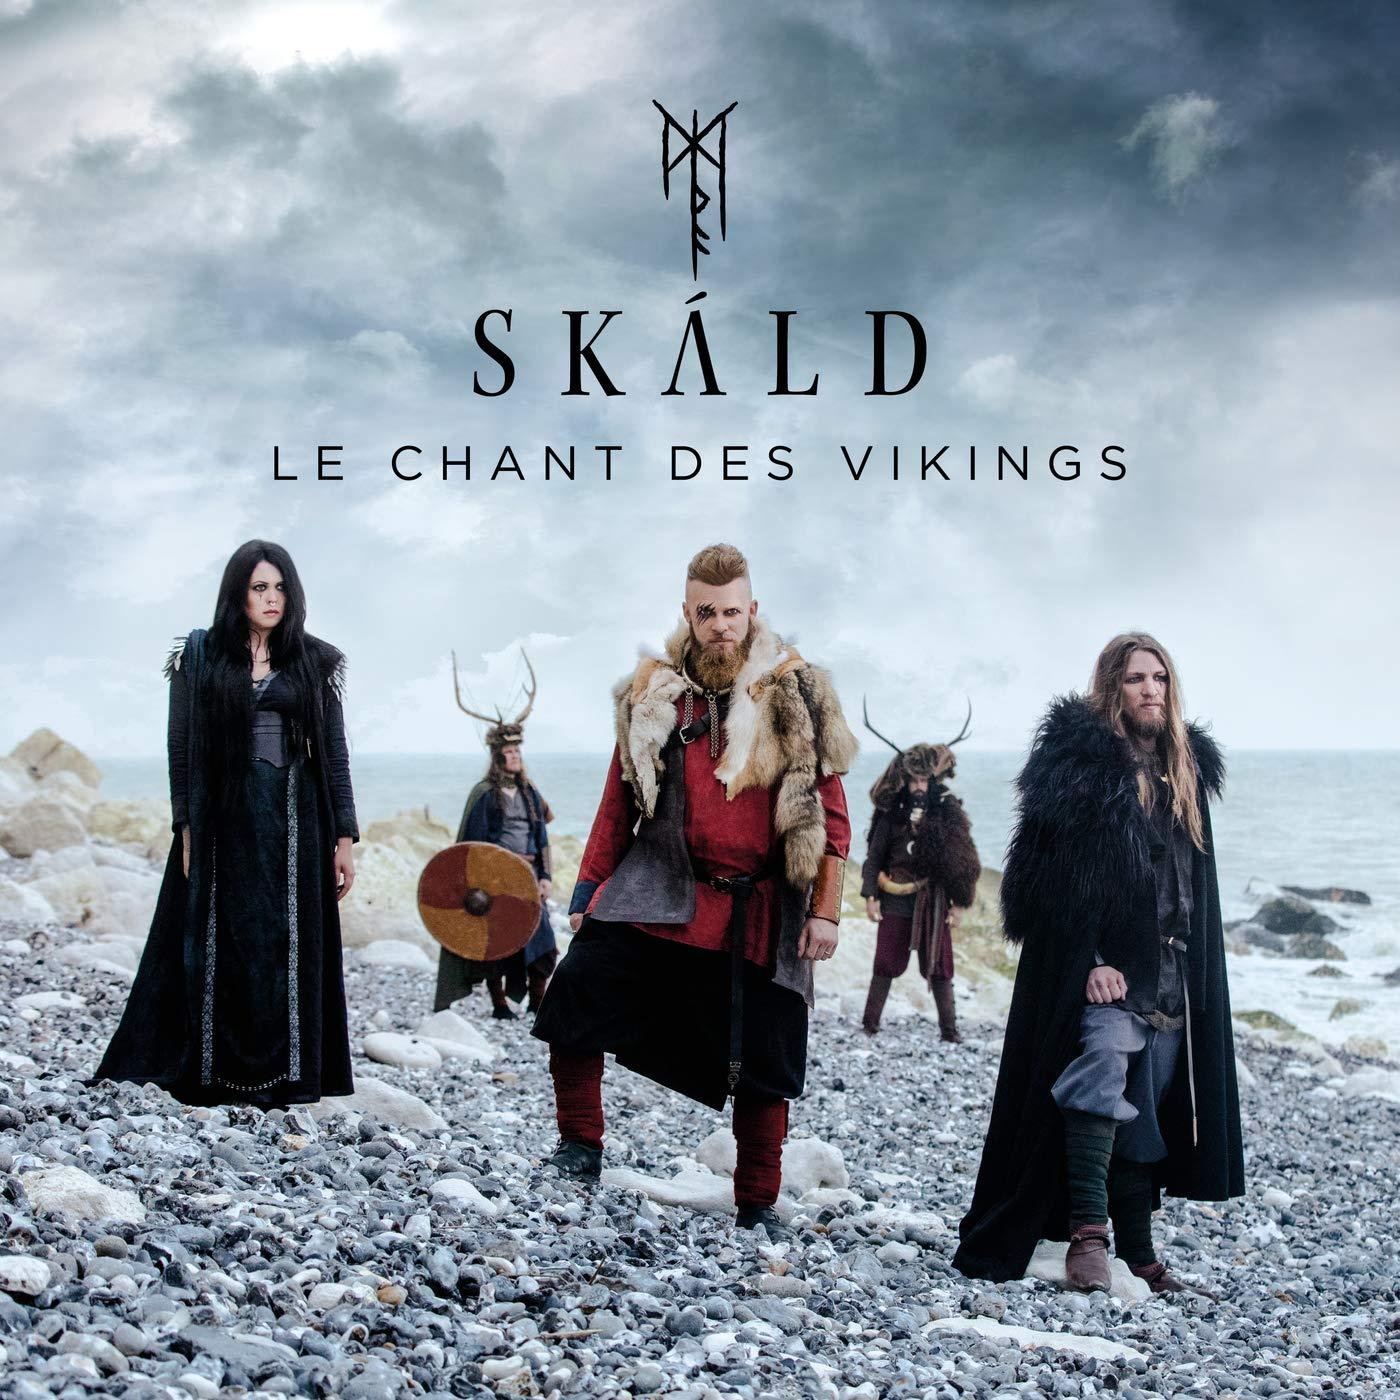 Le chant des vikings